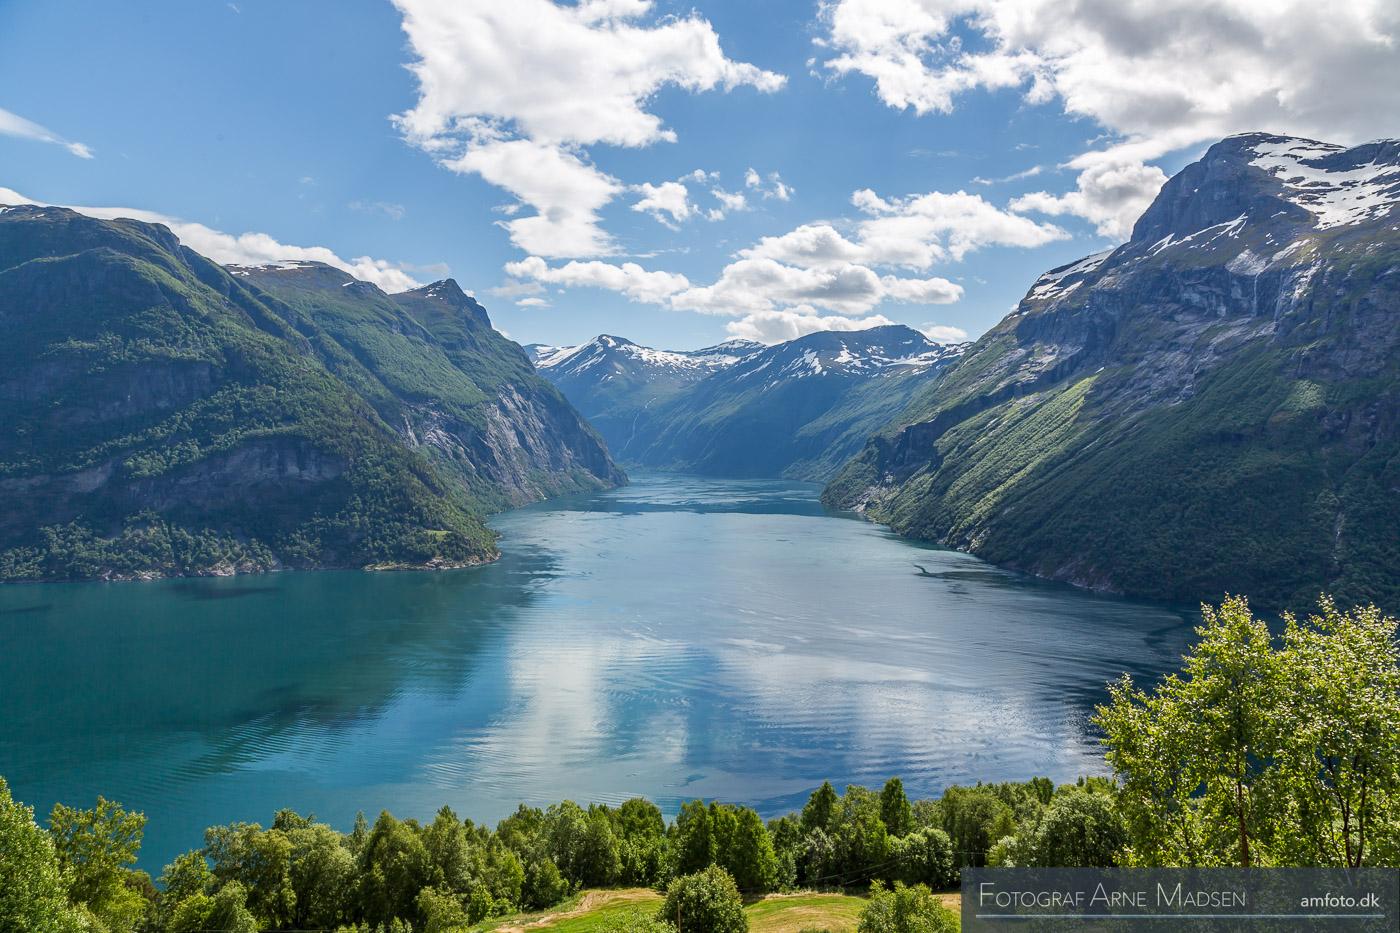 AMFOTO_2016_Norge_Hellesylt-841